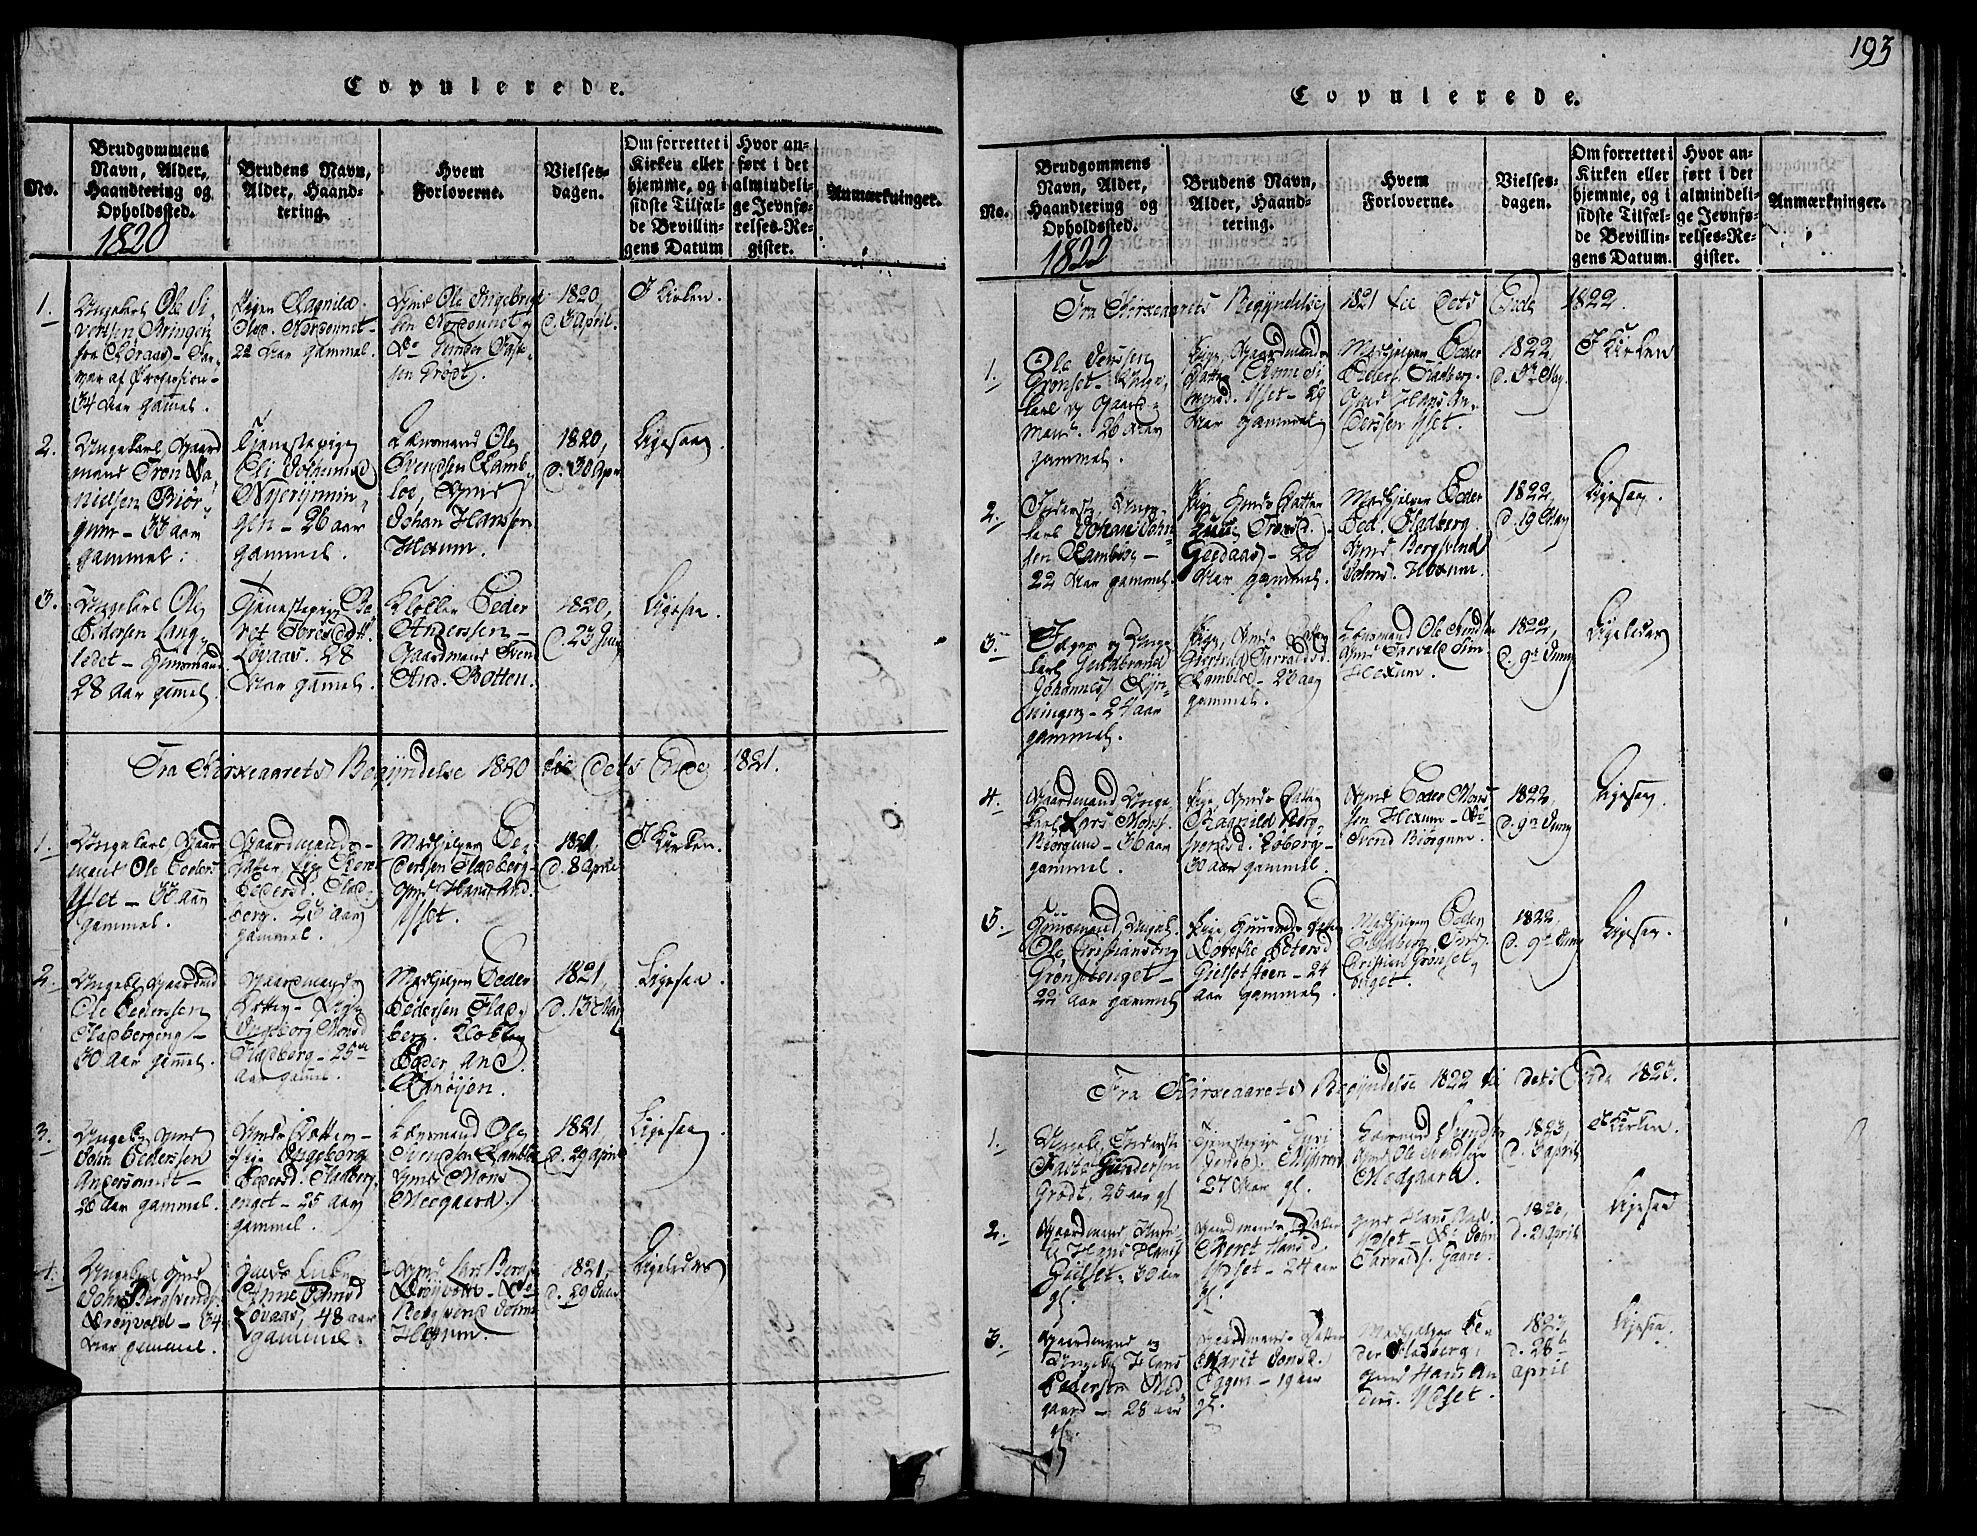 SAT, Ministerialprotokoller, klokkerbøker og fødselsregistre - Sør-Trøndelag, 685/L0954: Ministerialbok nr. 685A03 /1, 1817-1829, s. 193